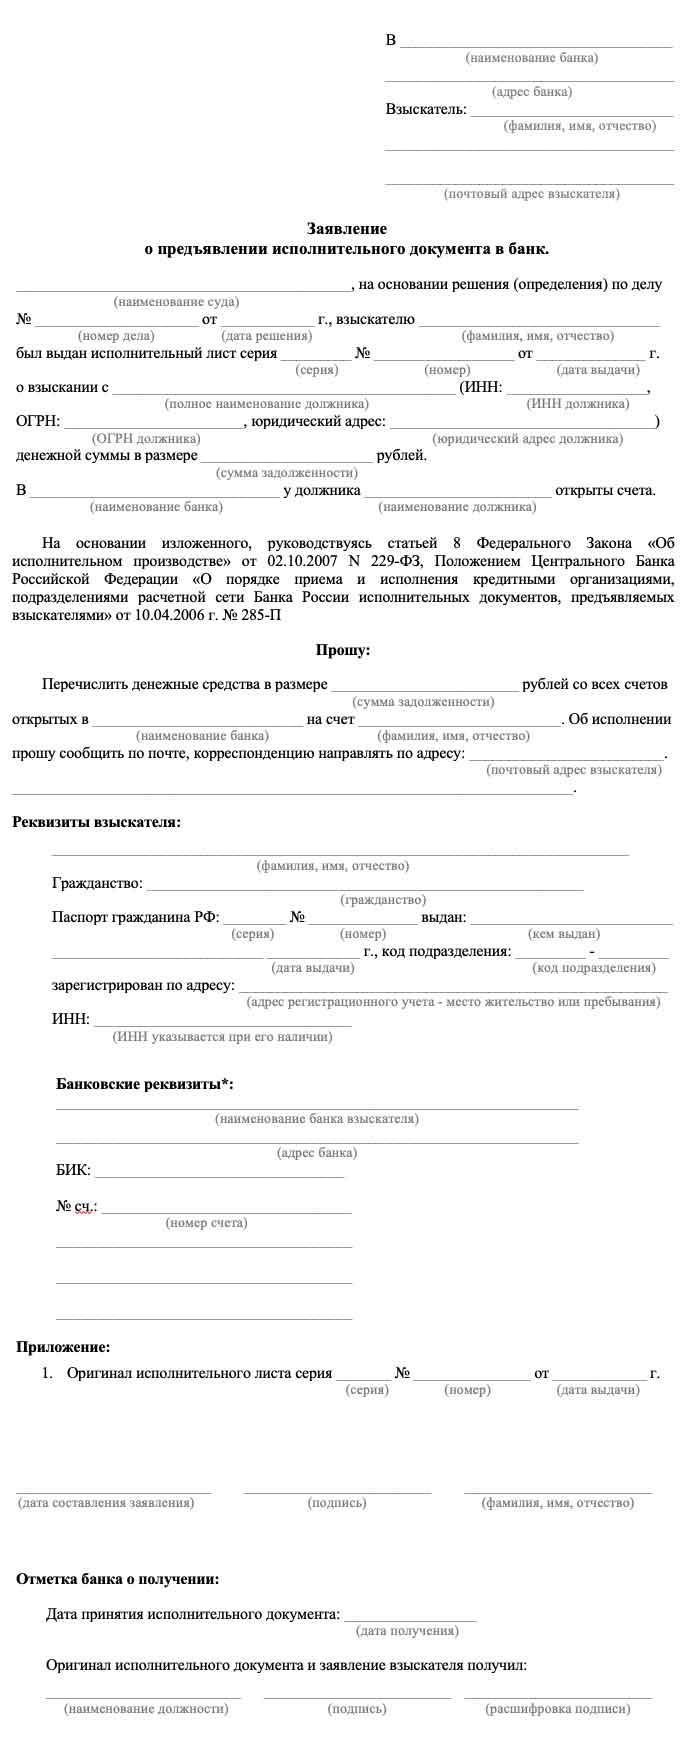 Образец заявление о предъявлении исполнительного документа в банк